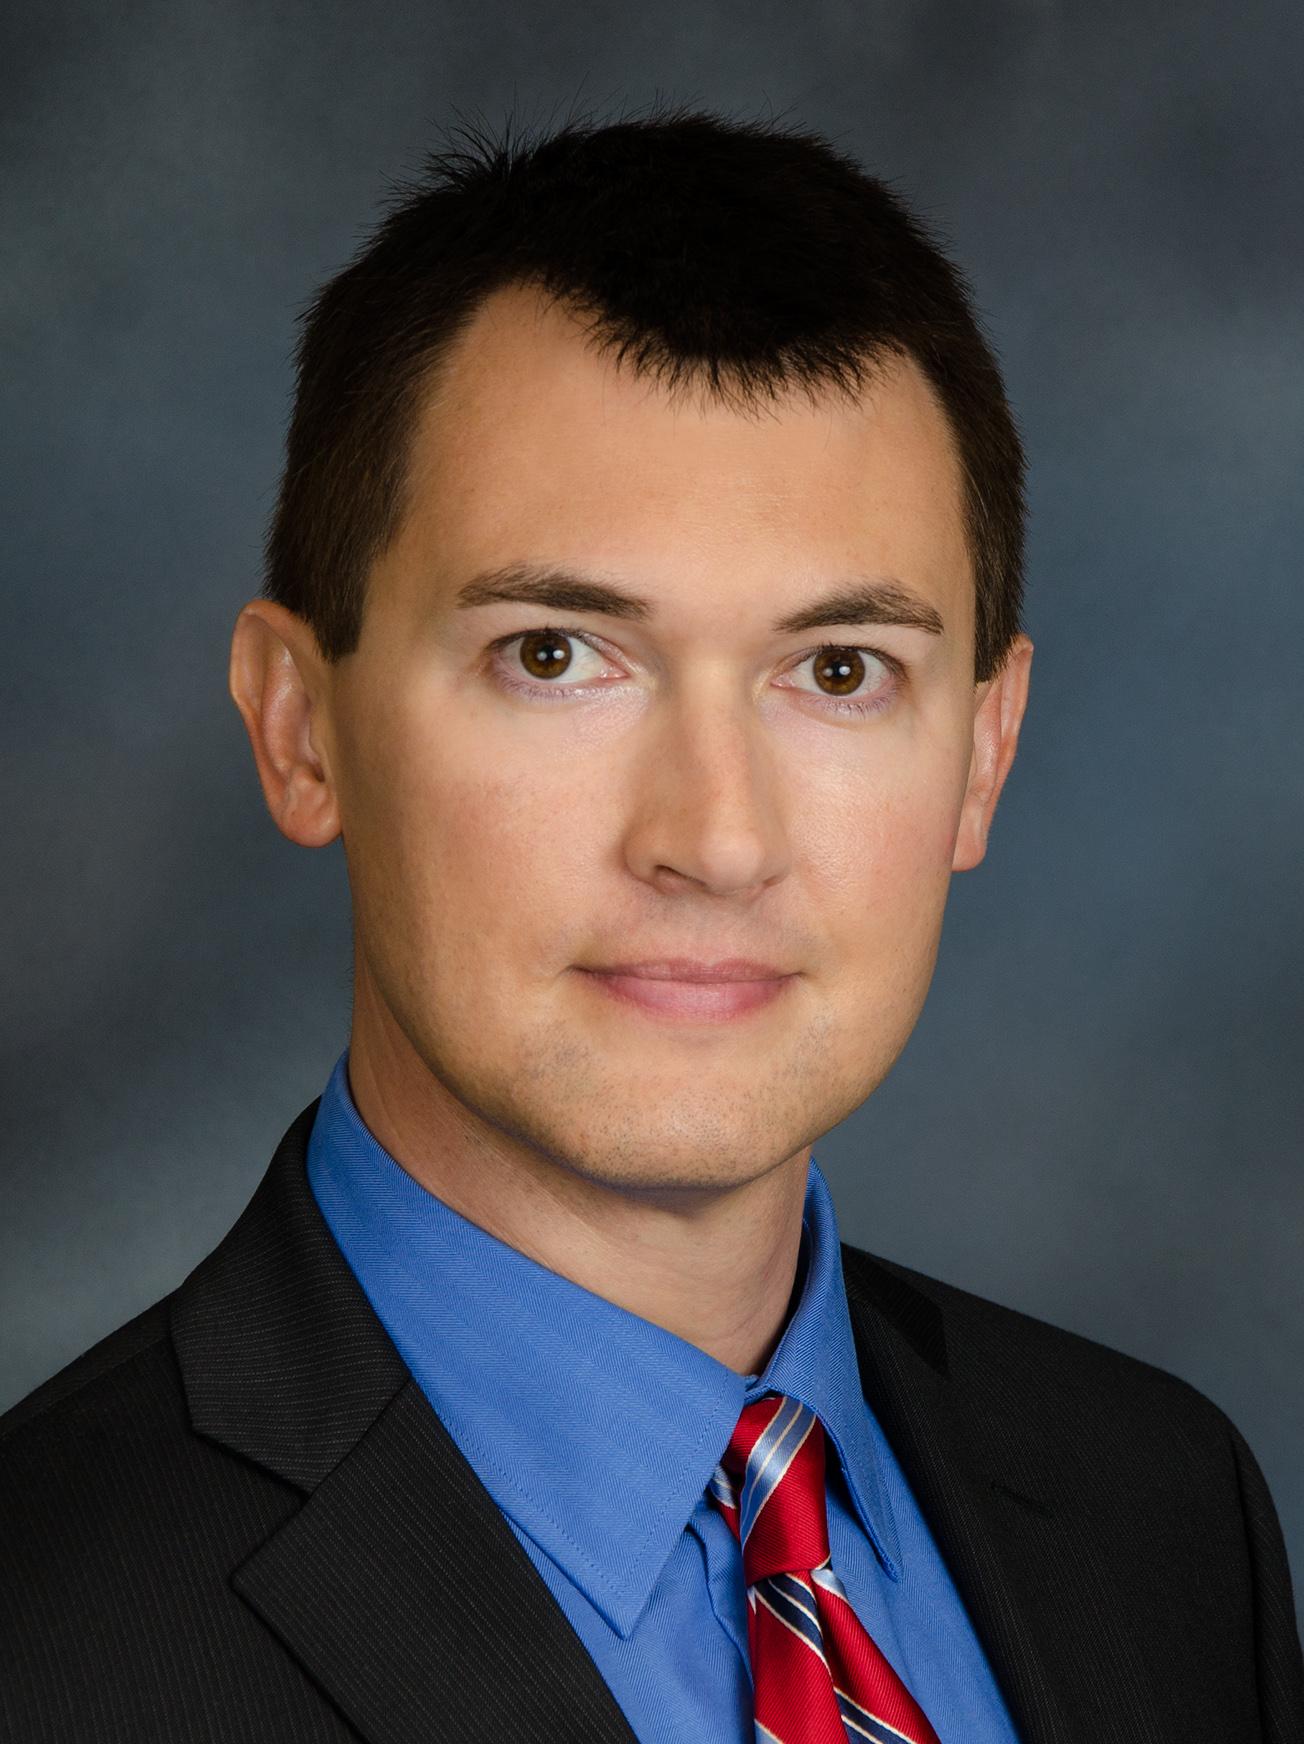 Grant T. Fankhauser